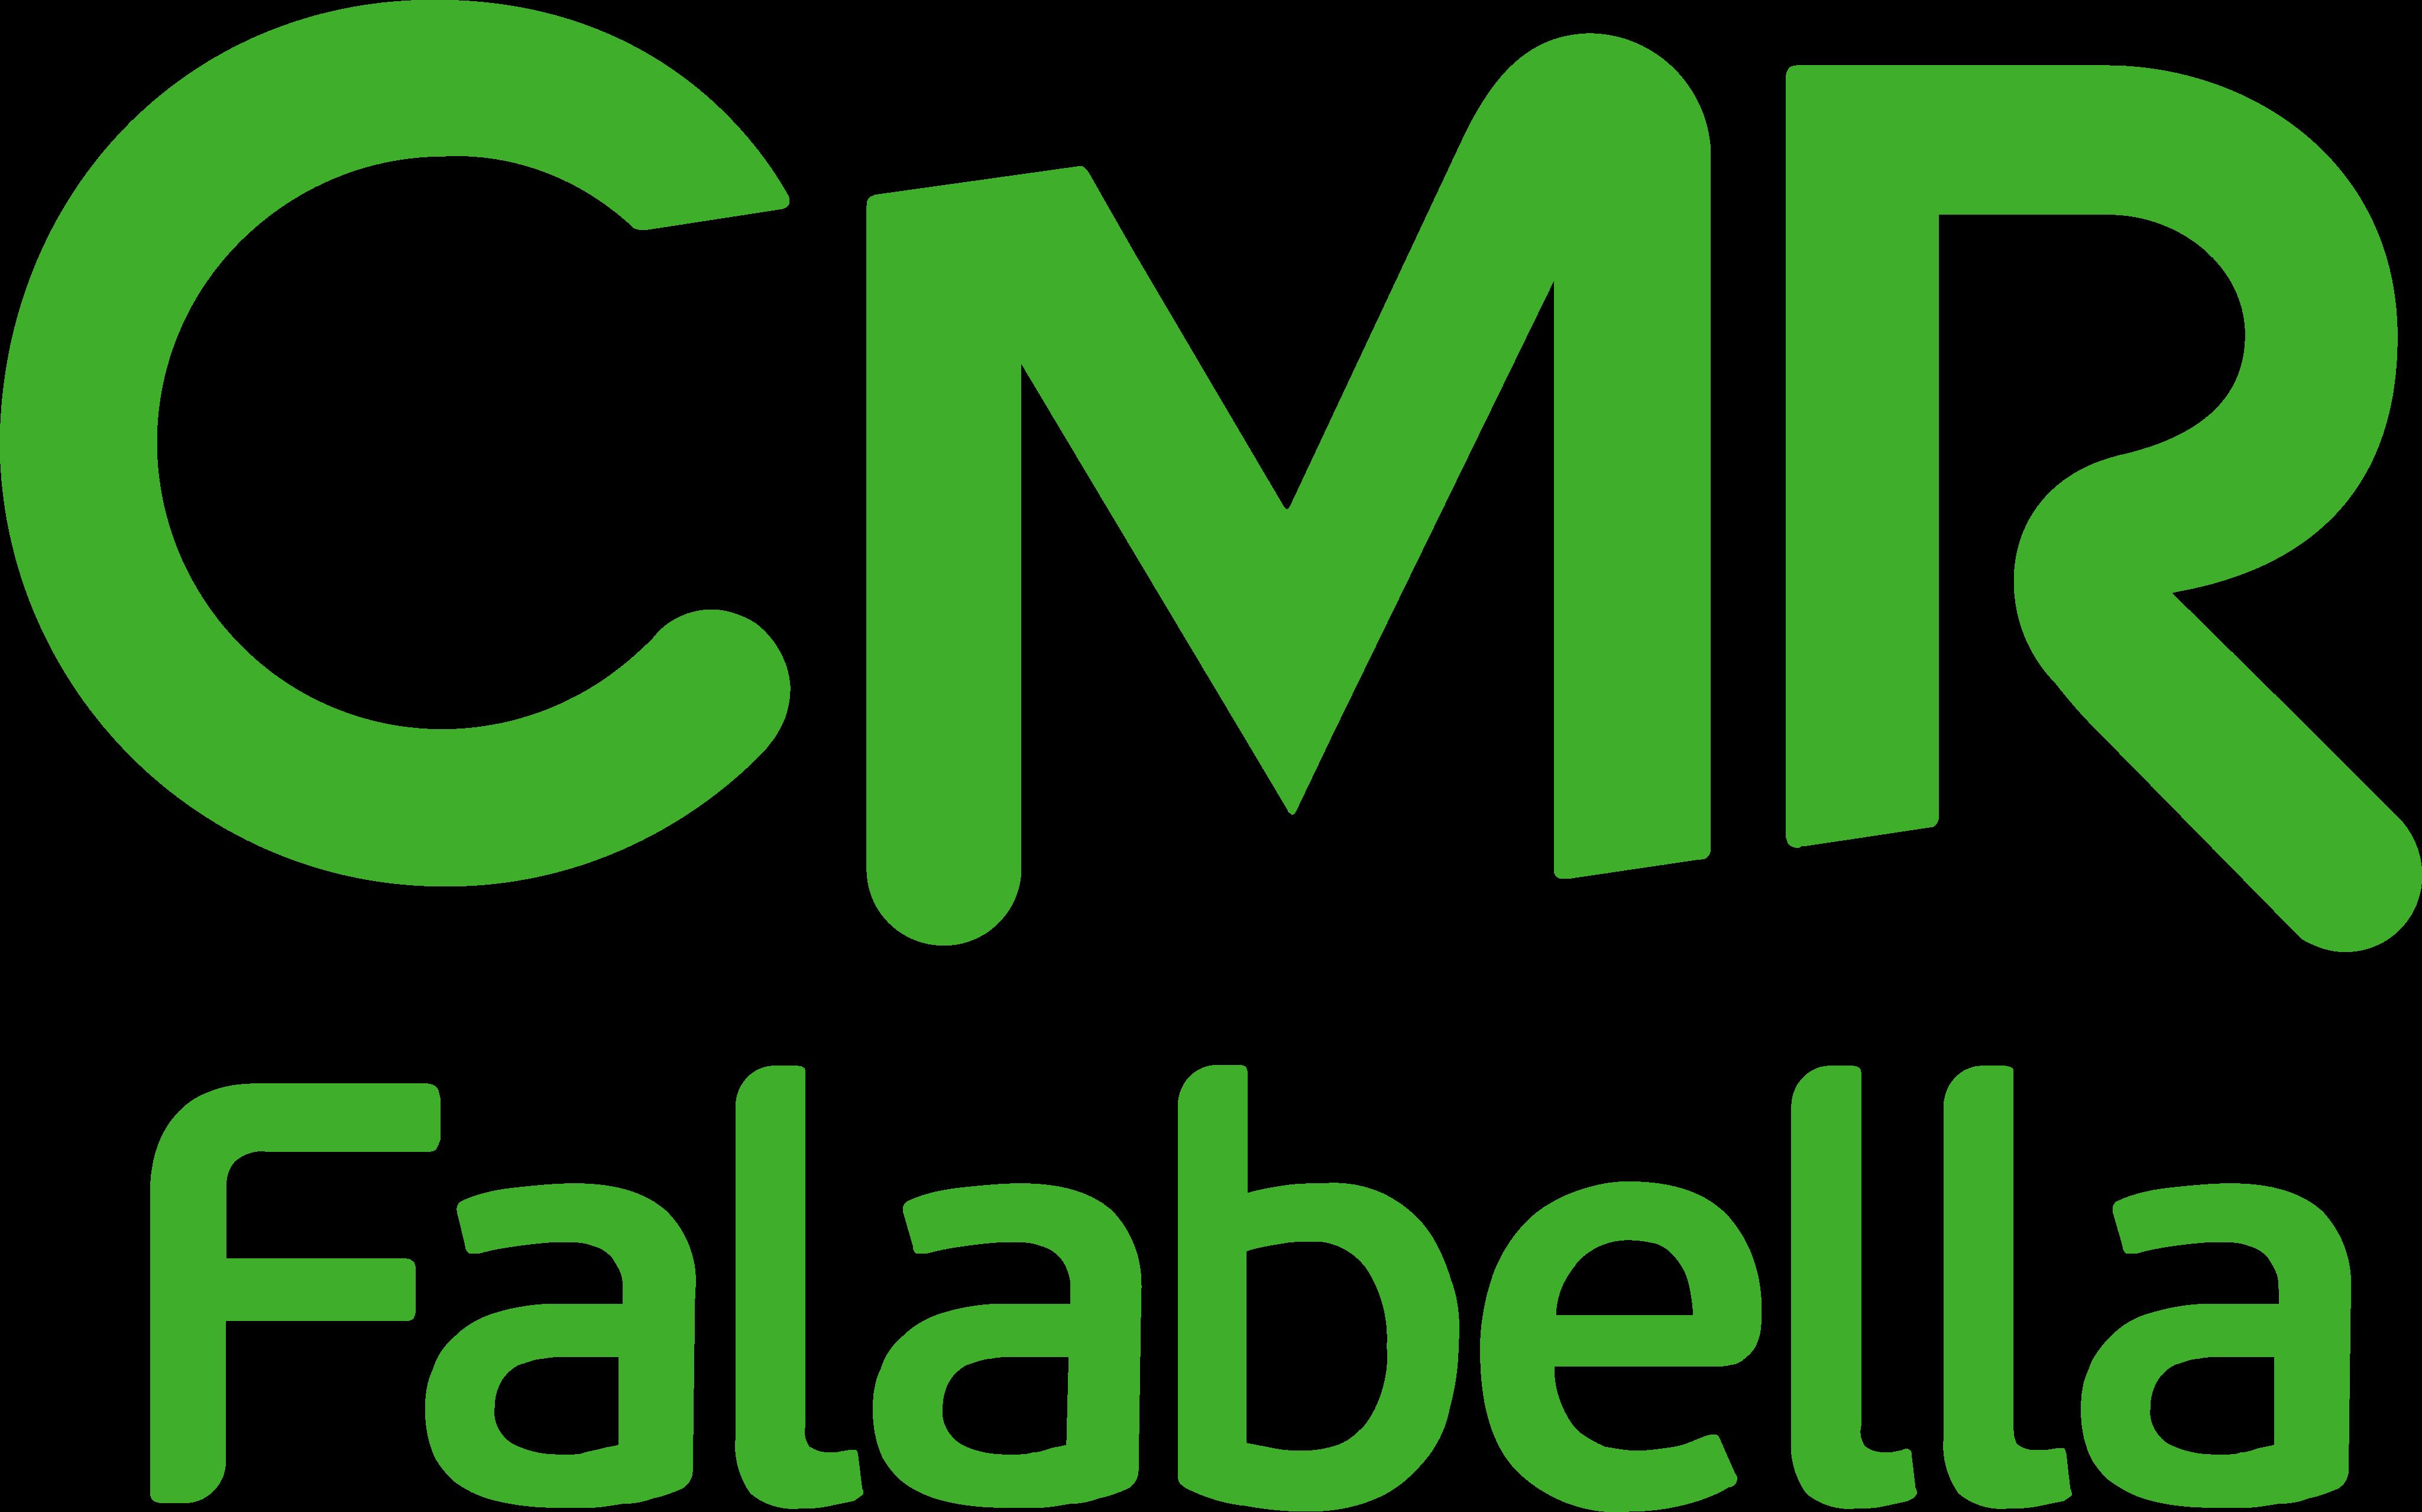 cmr falabella logo 1 - CMR Falabella Logo